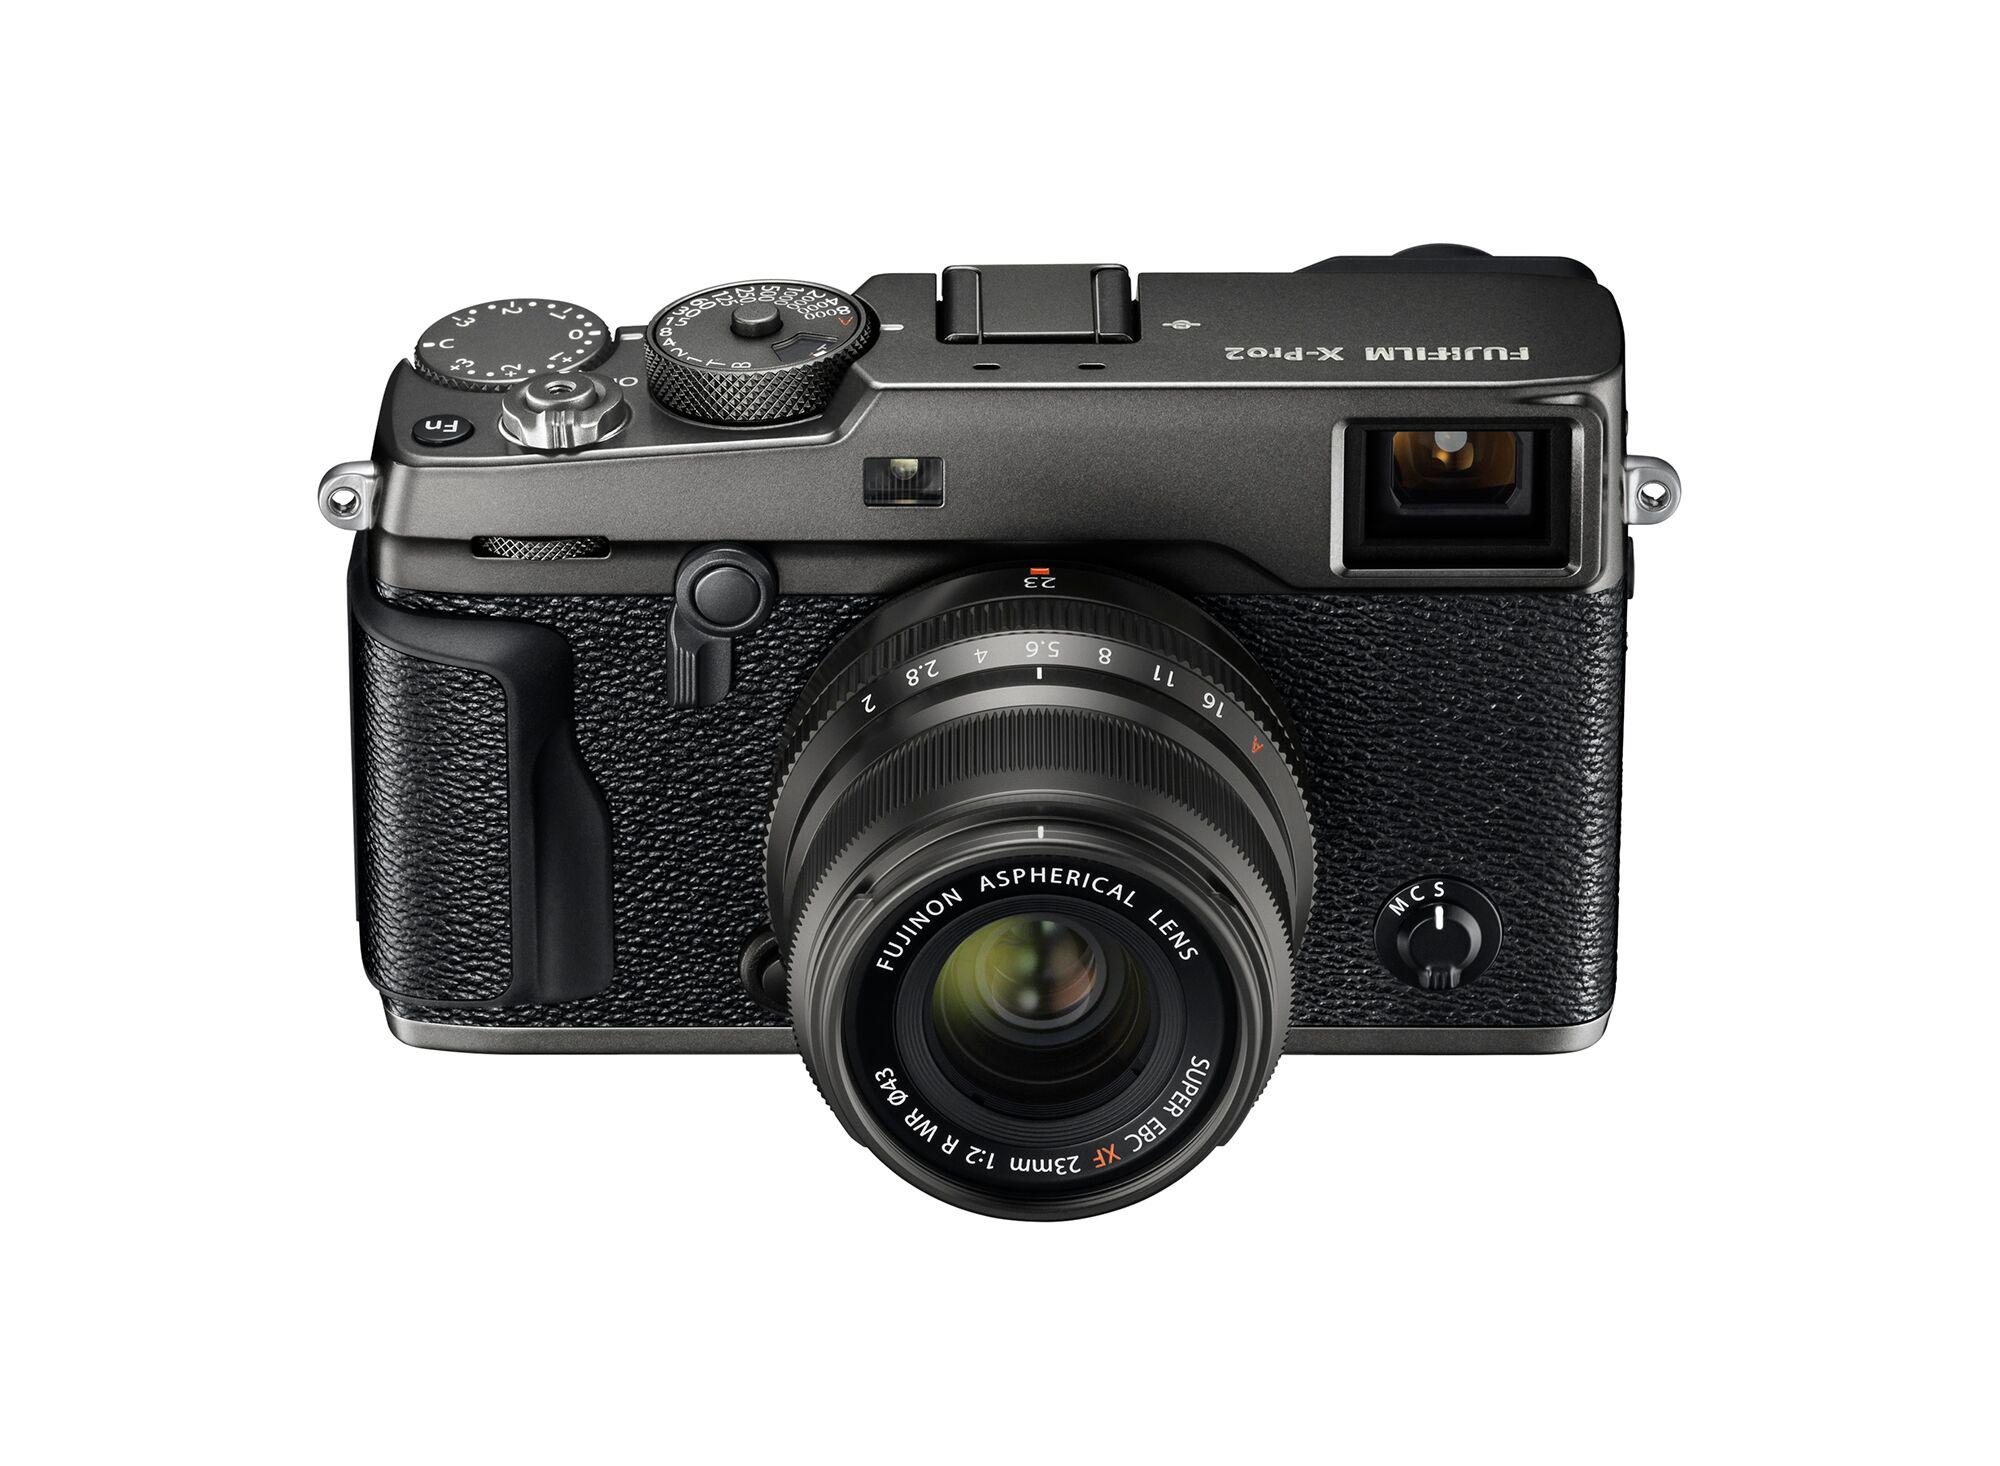 FUJIFILM X-PRO2 + XF 23mm/f2 R Graphite Edition CAHSBACK 5200,- Kč + dárkový set v hodnotě 5 300,- Kč